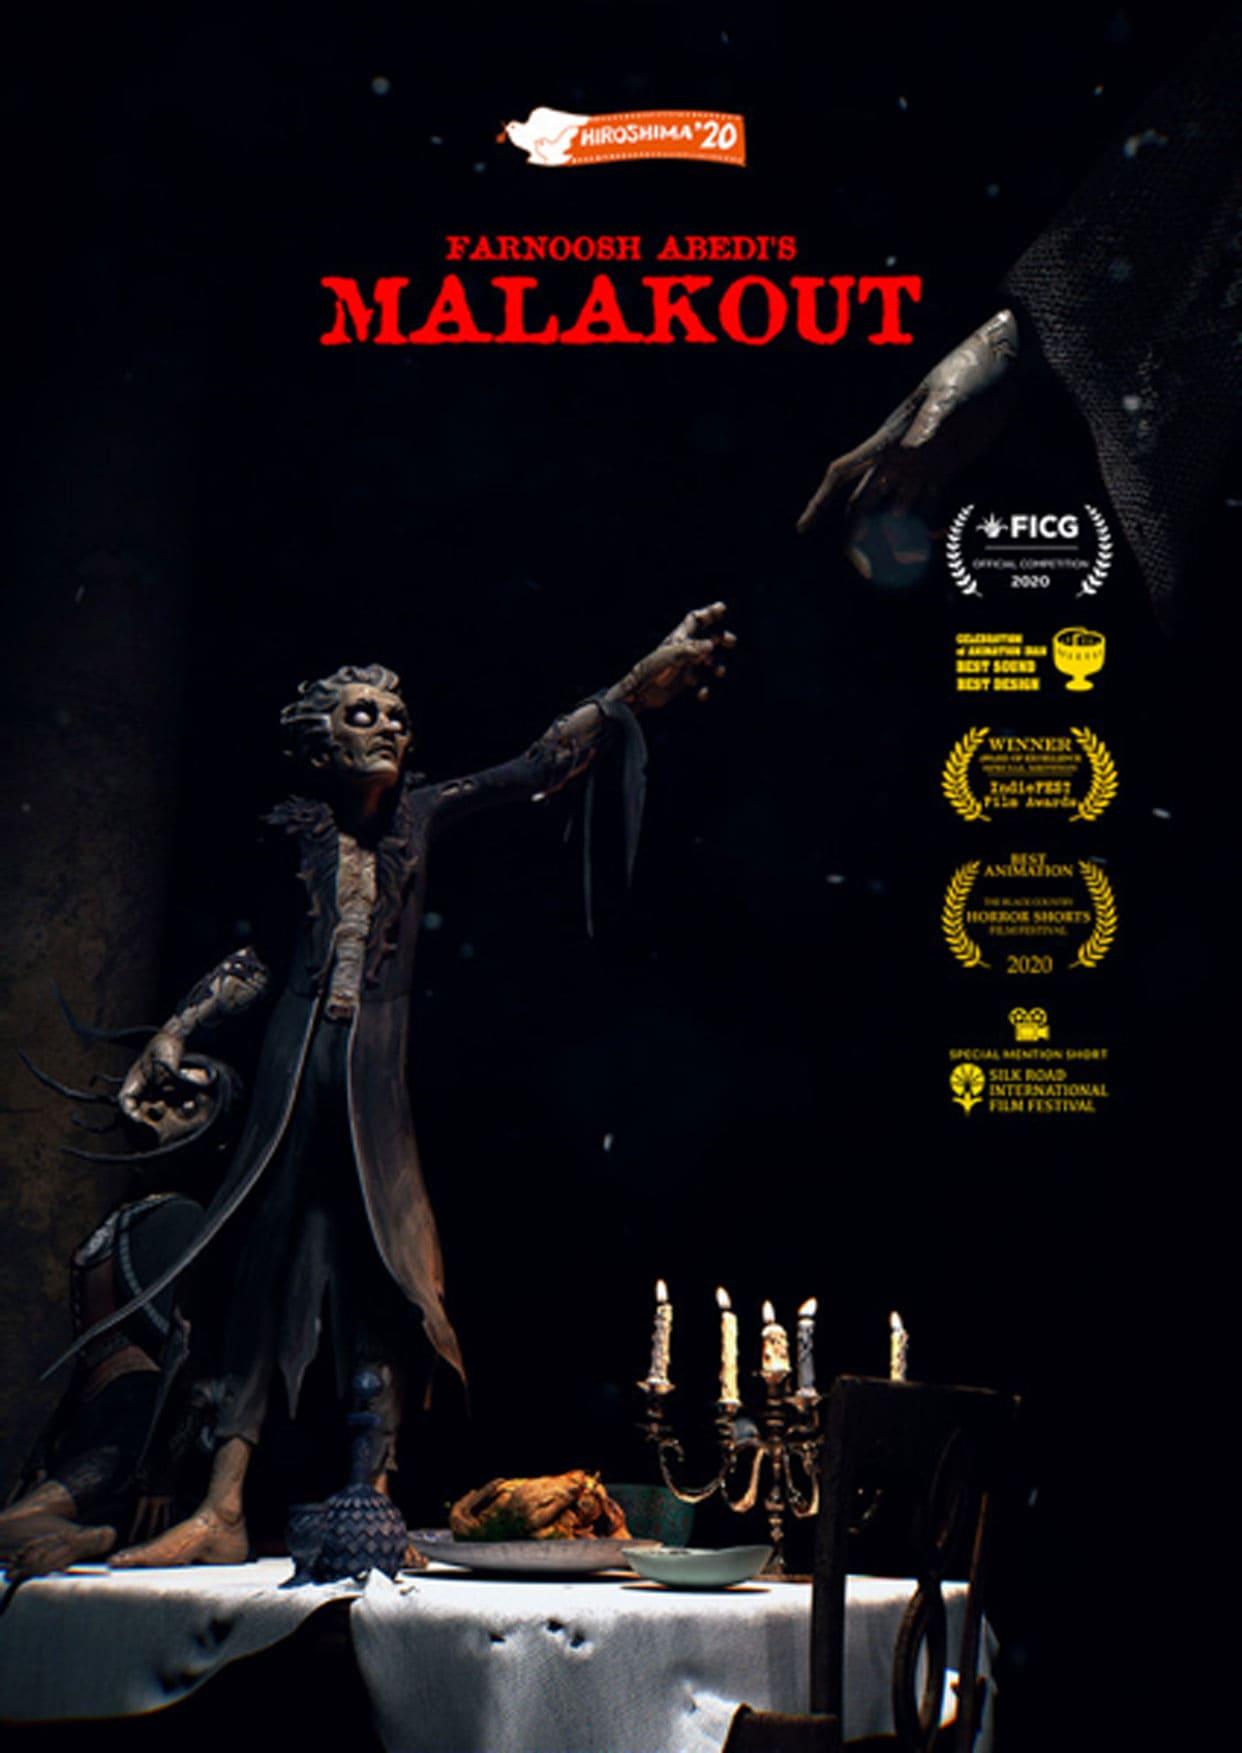 MALAKOUT-Farnoosh-Abedi